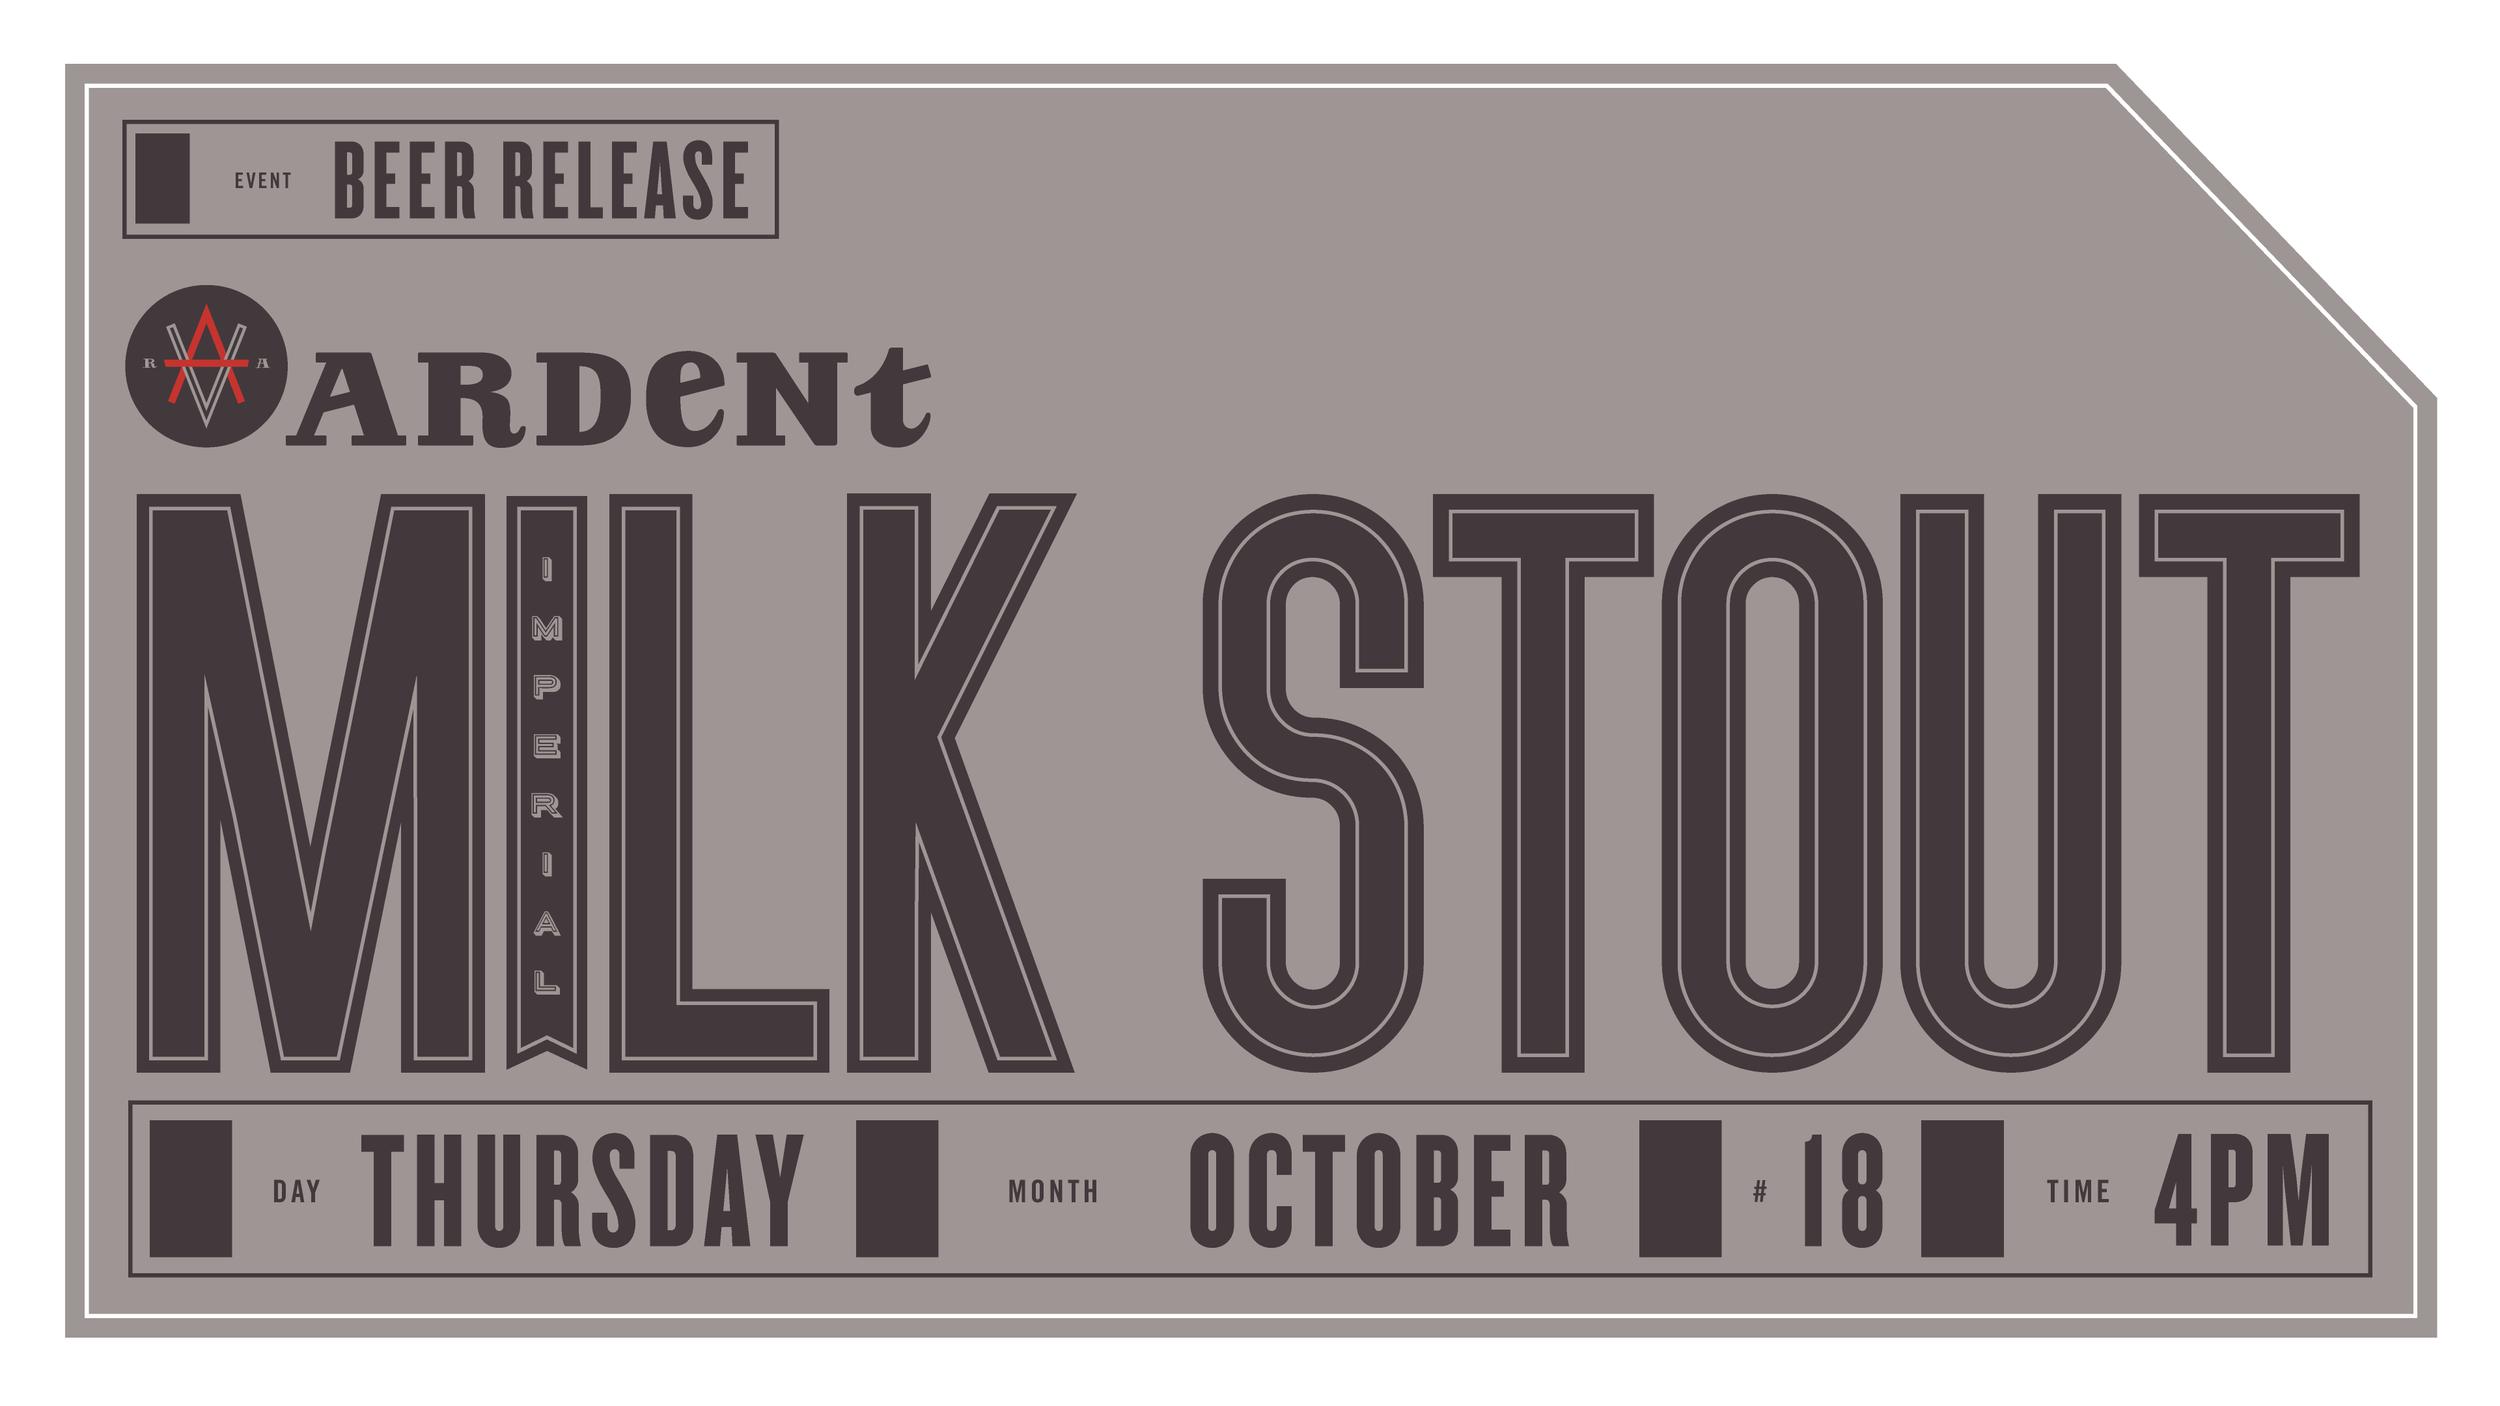 milk-stout-fb-event.png